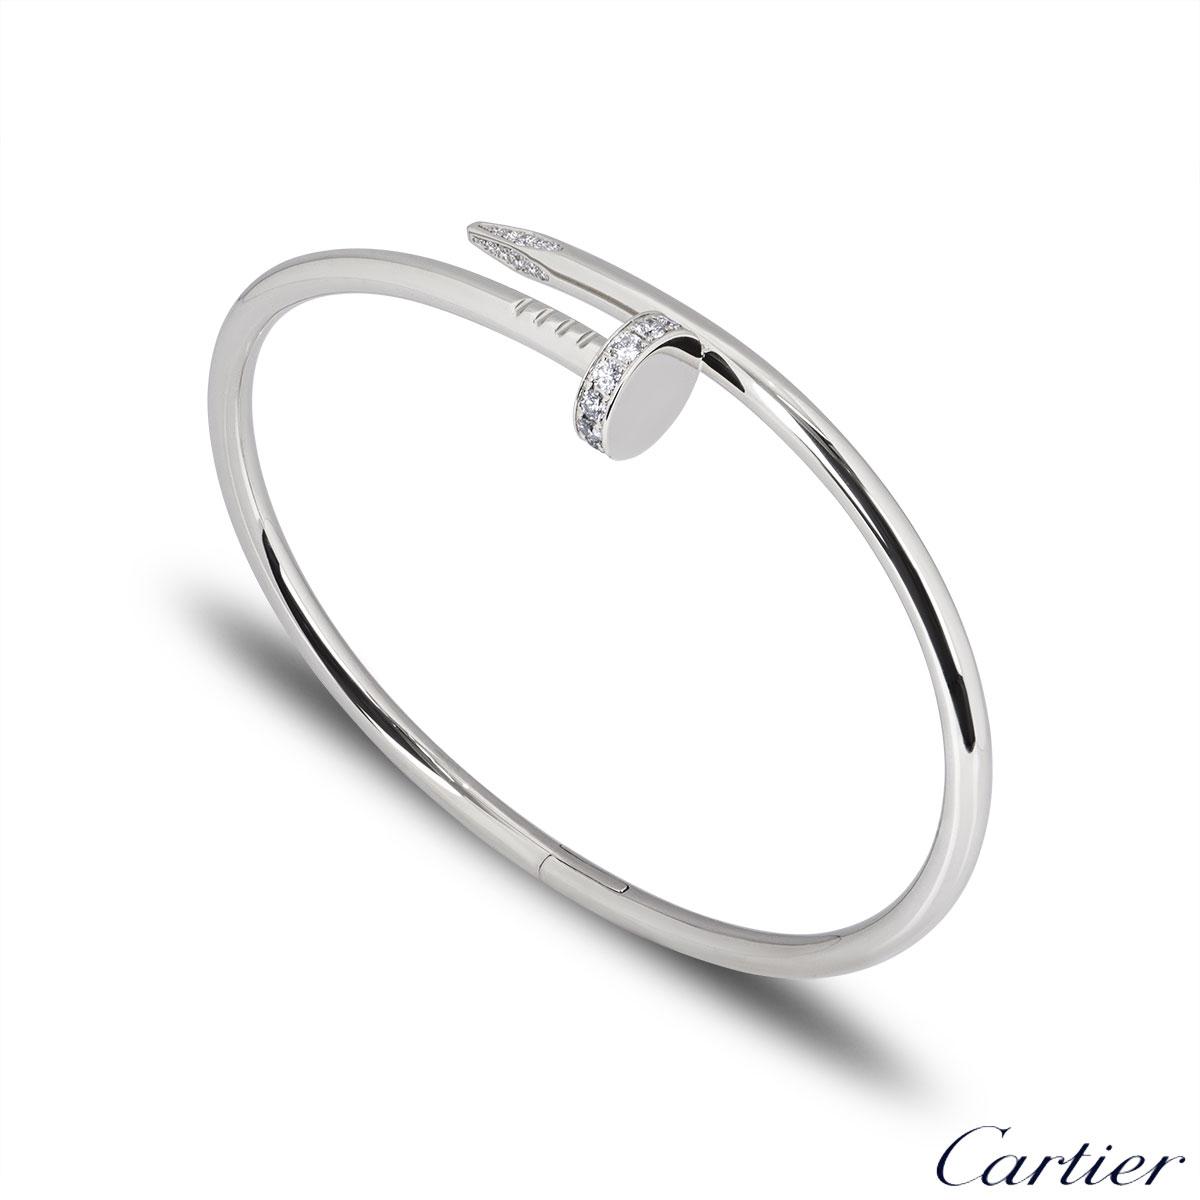 Cartier White Gold Diamond Juste Un Clou Bracelet Size 20 B6048720